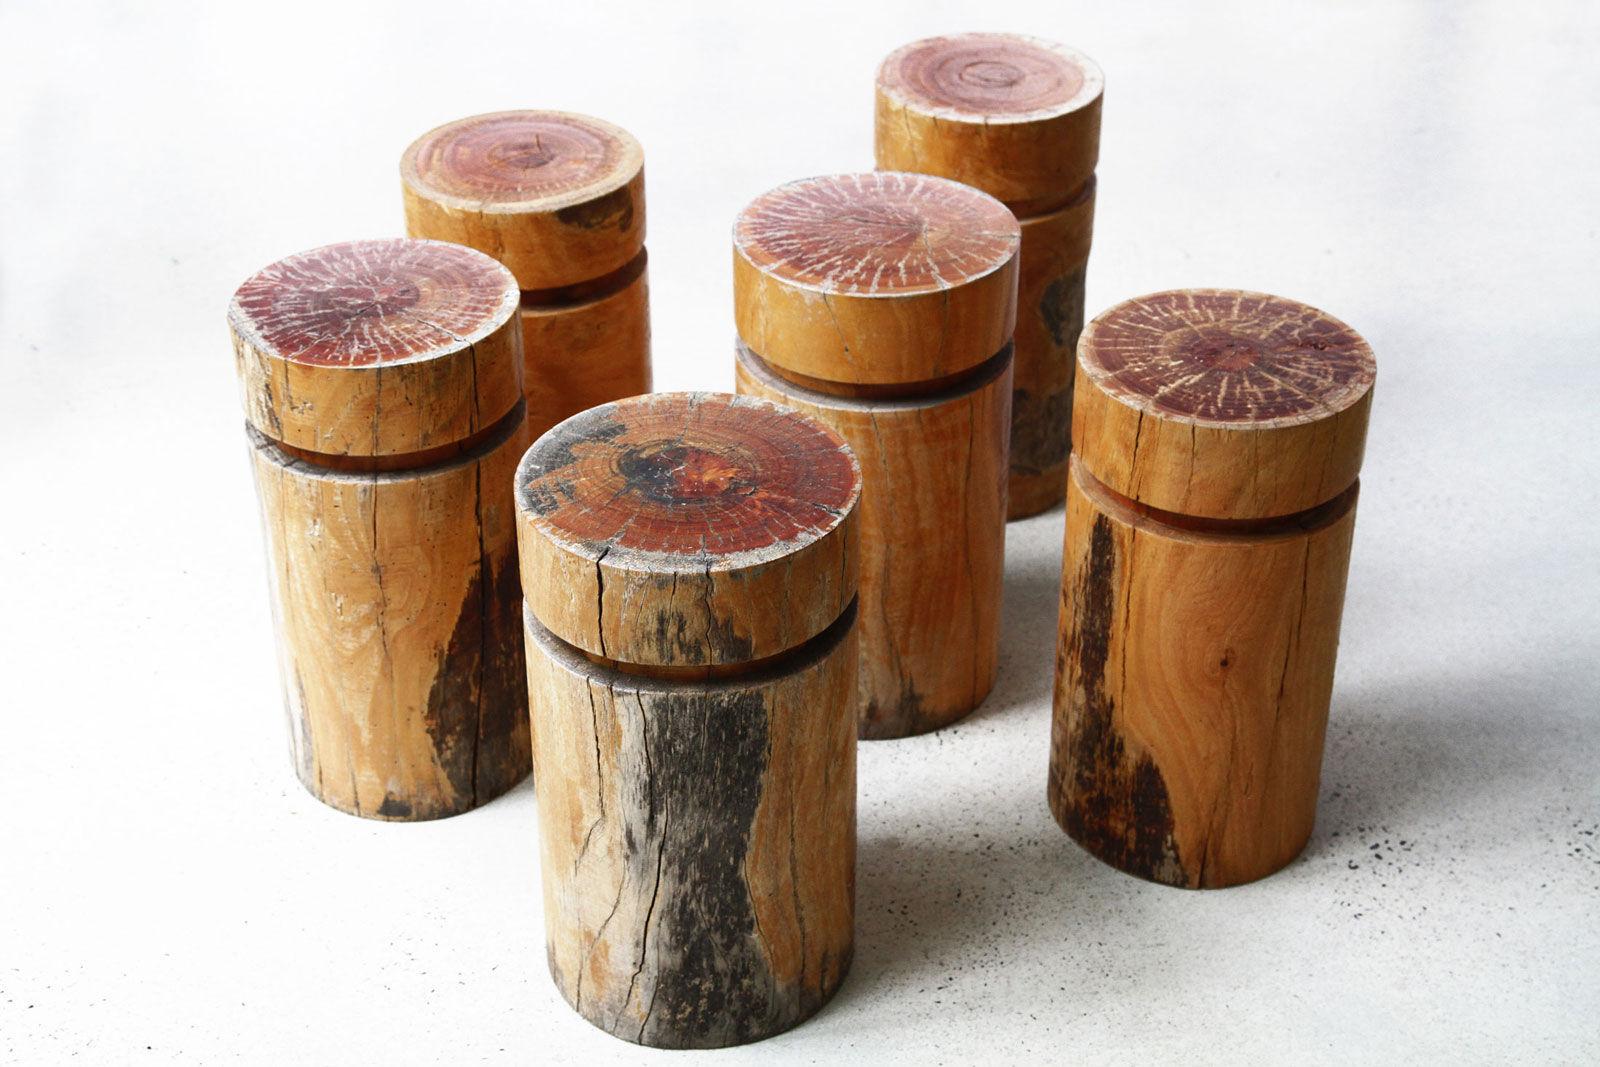 Sgabello design organico in legno log lifespacejourney